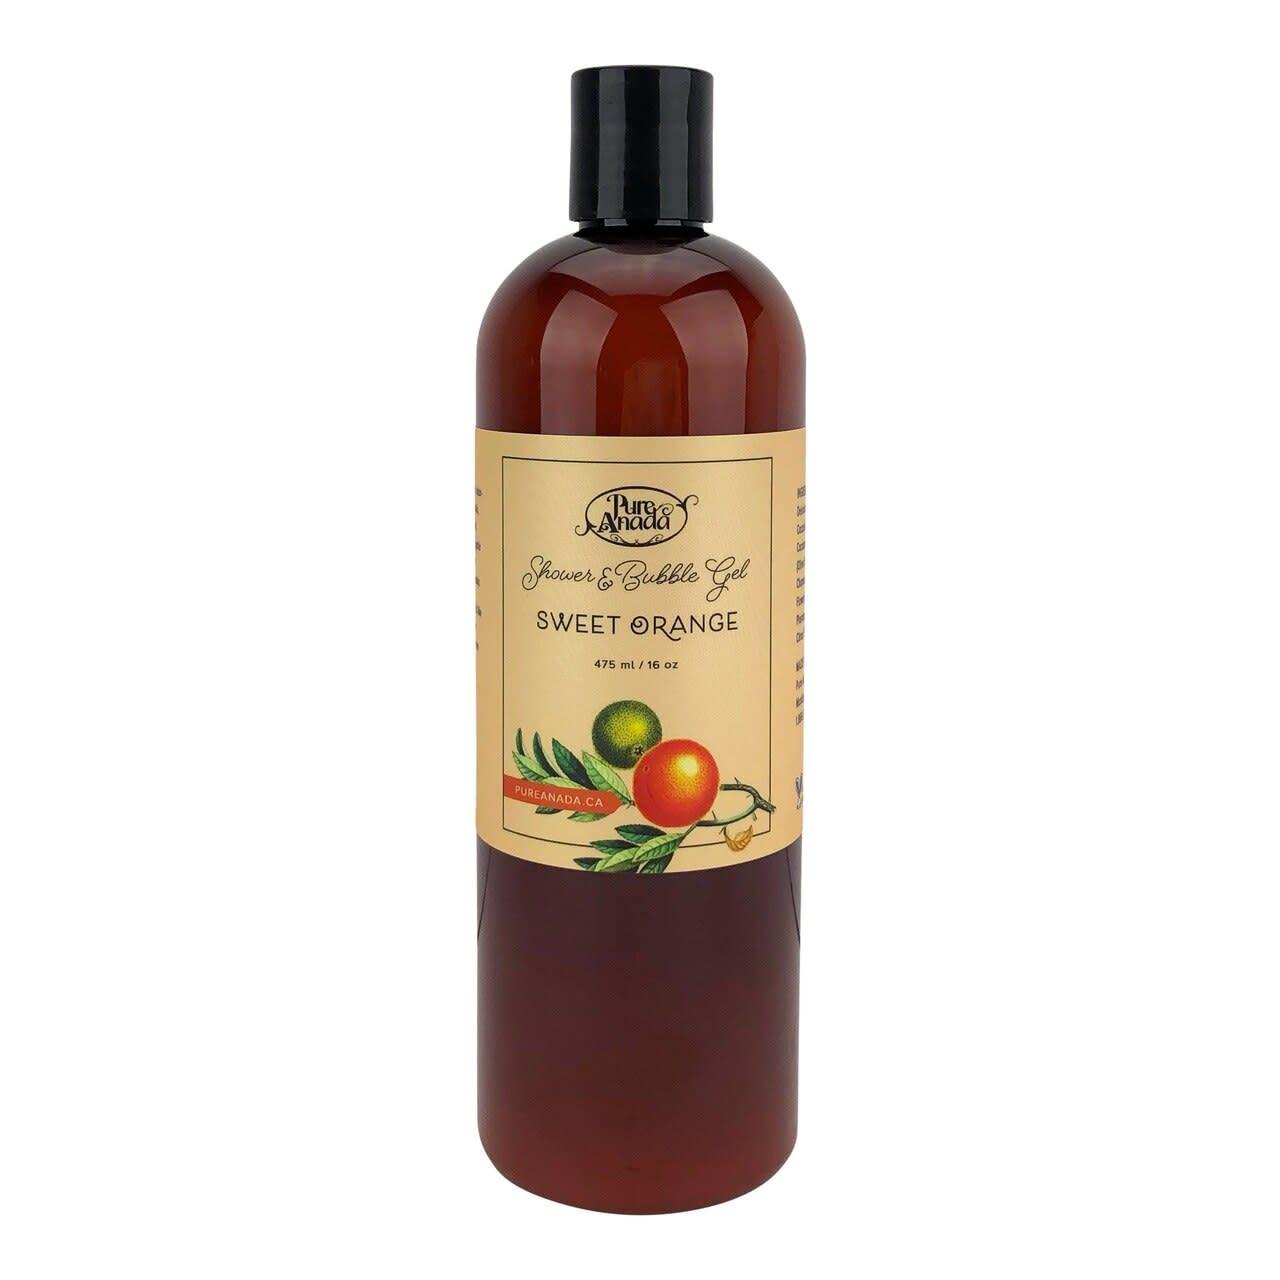 Shower & Bubble Gel - Sweet Orange-1